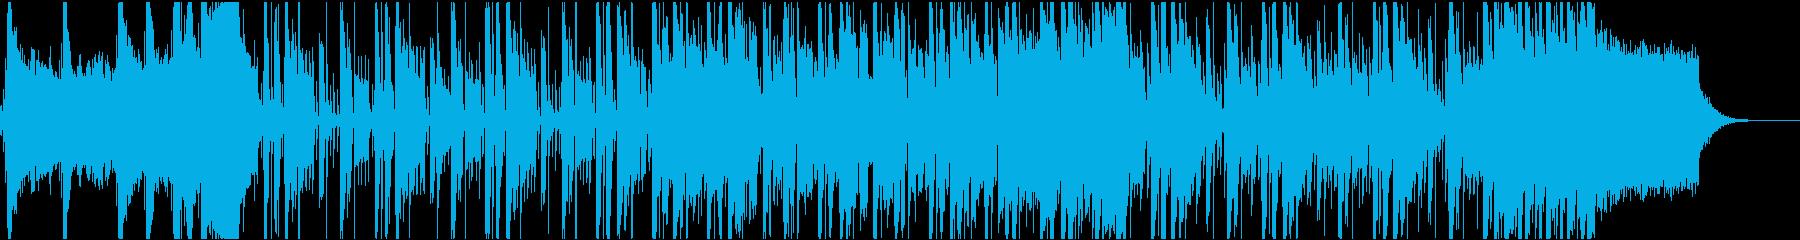 ファンシーでスタイリシュなポップジングルの再生済みの波形